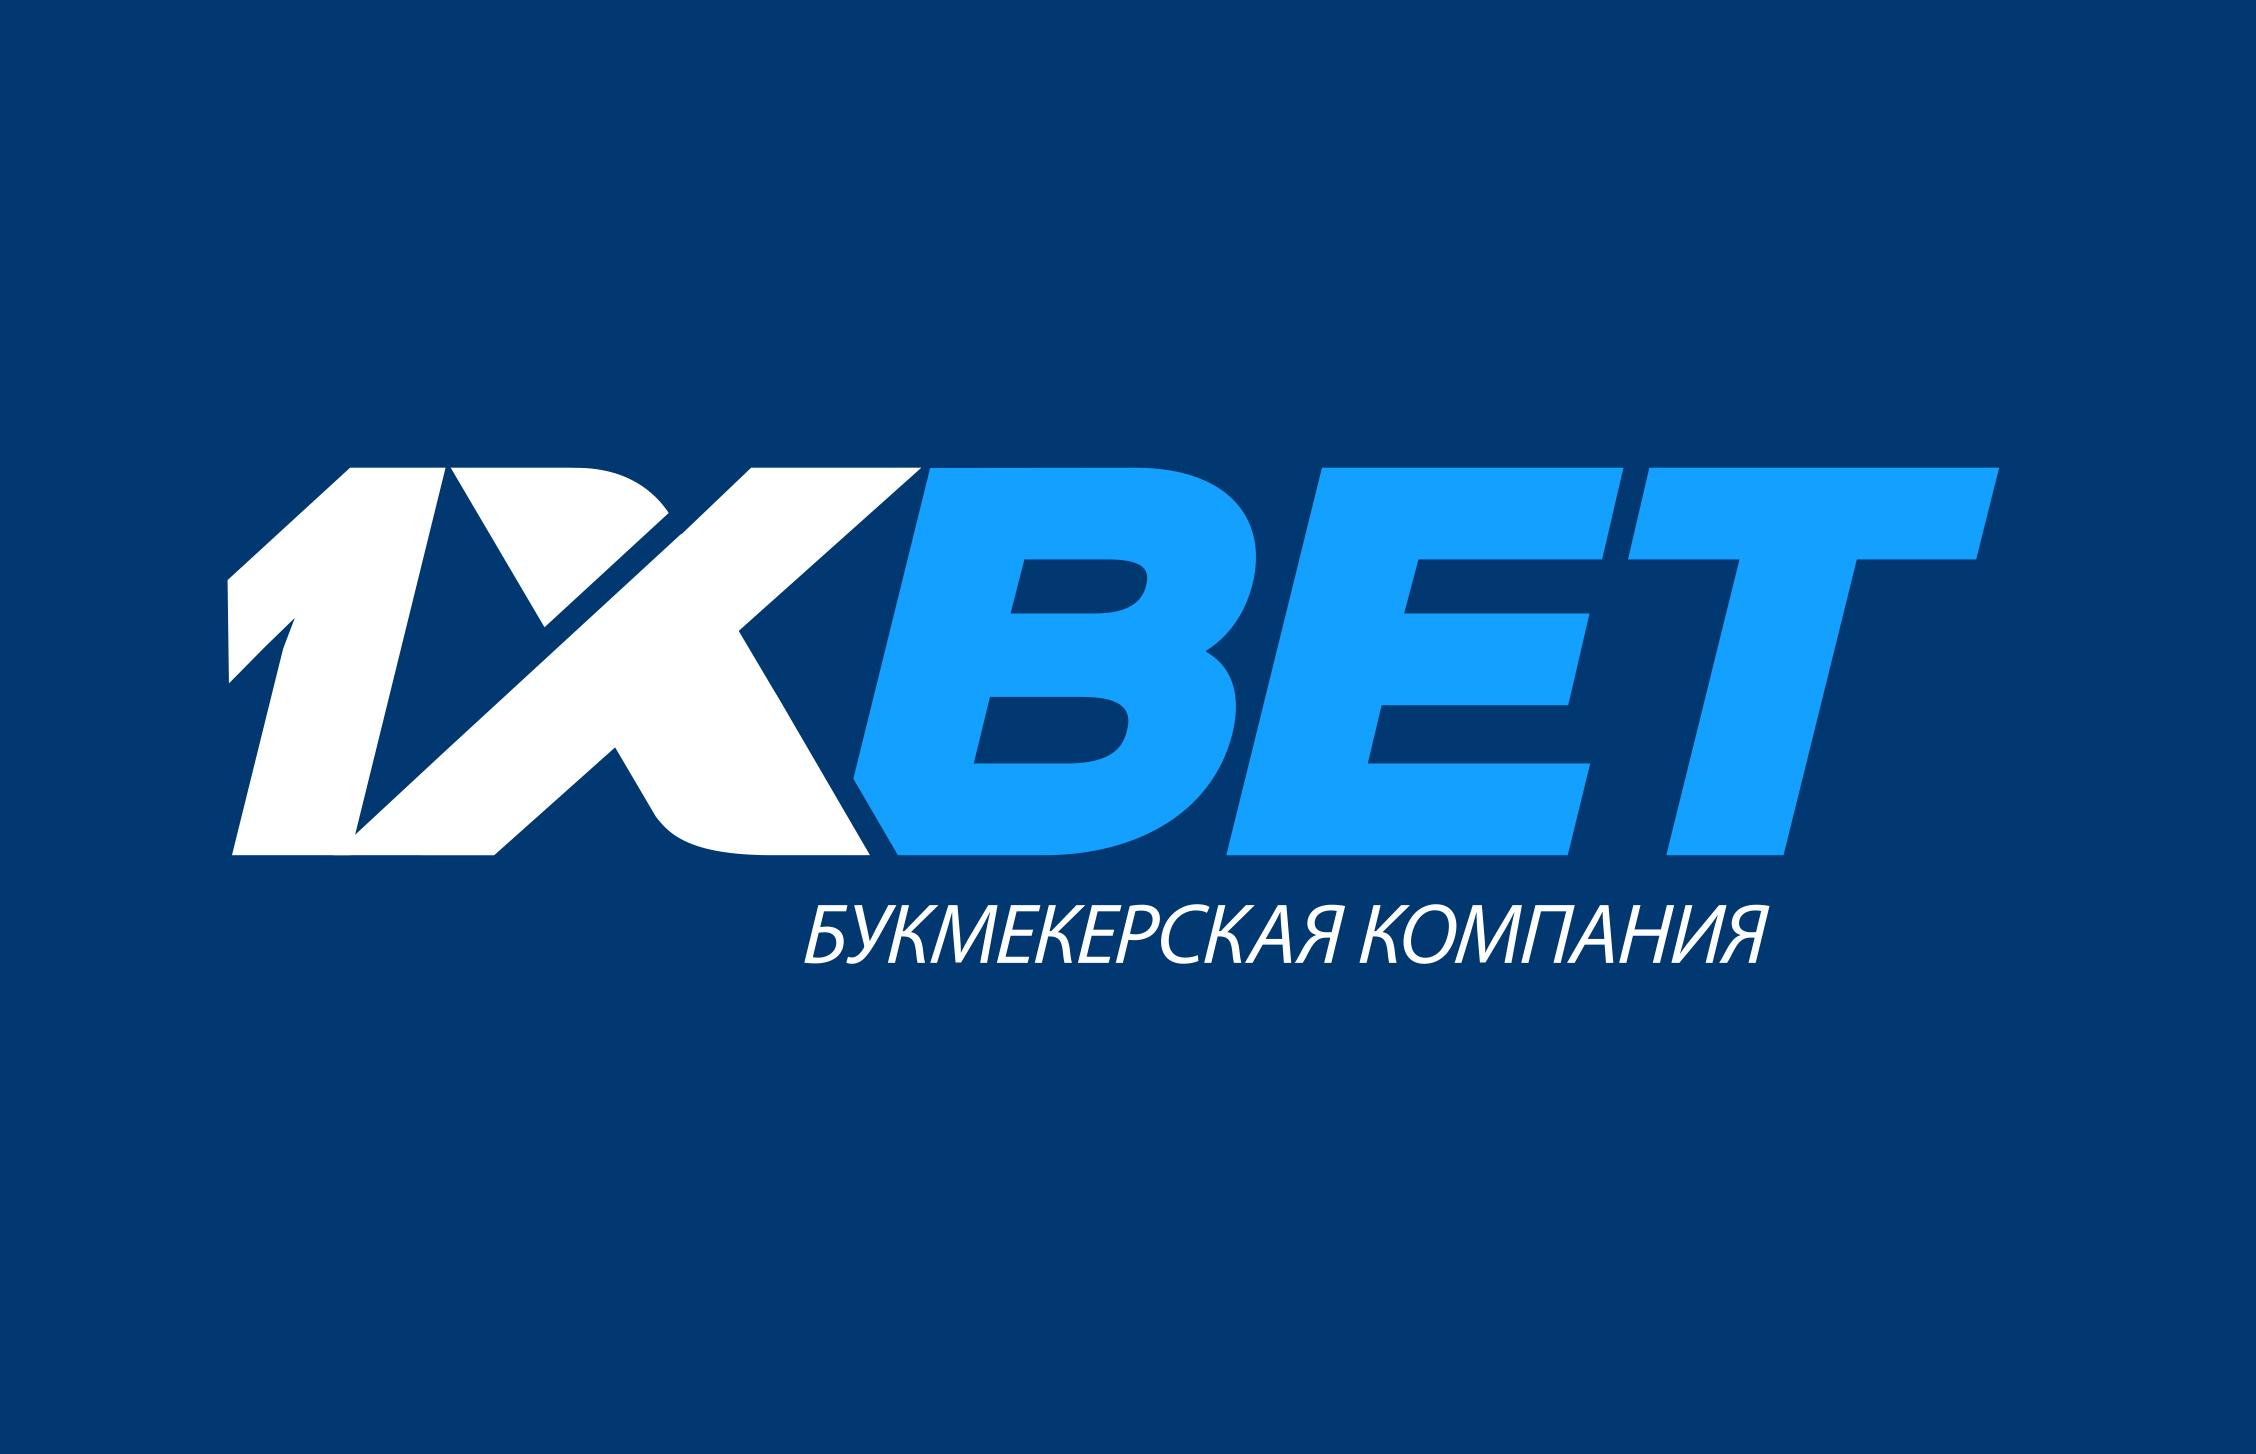 Букмекерская контора 1xbet — вывод денег на счет